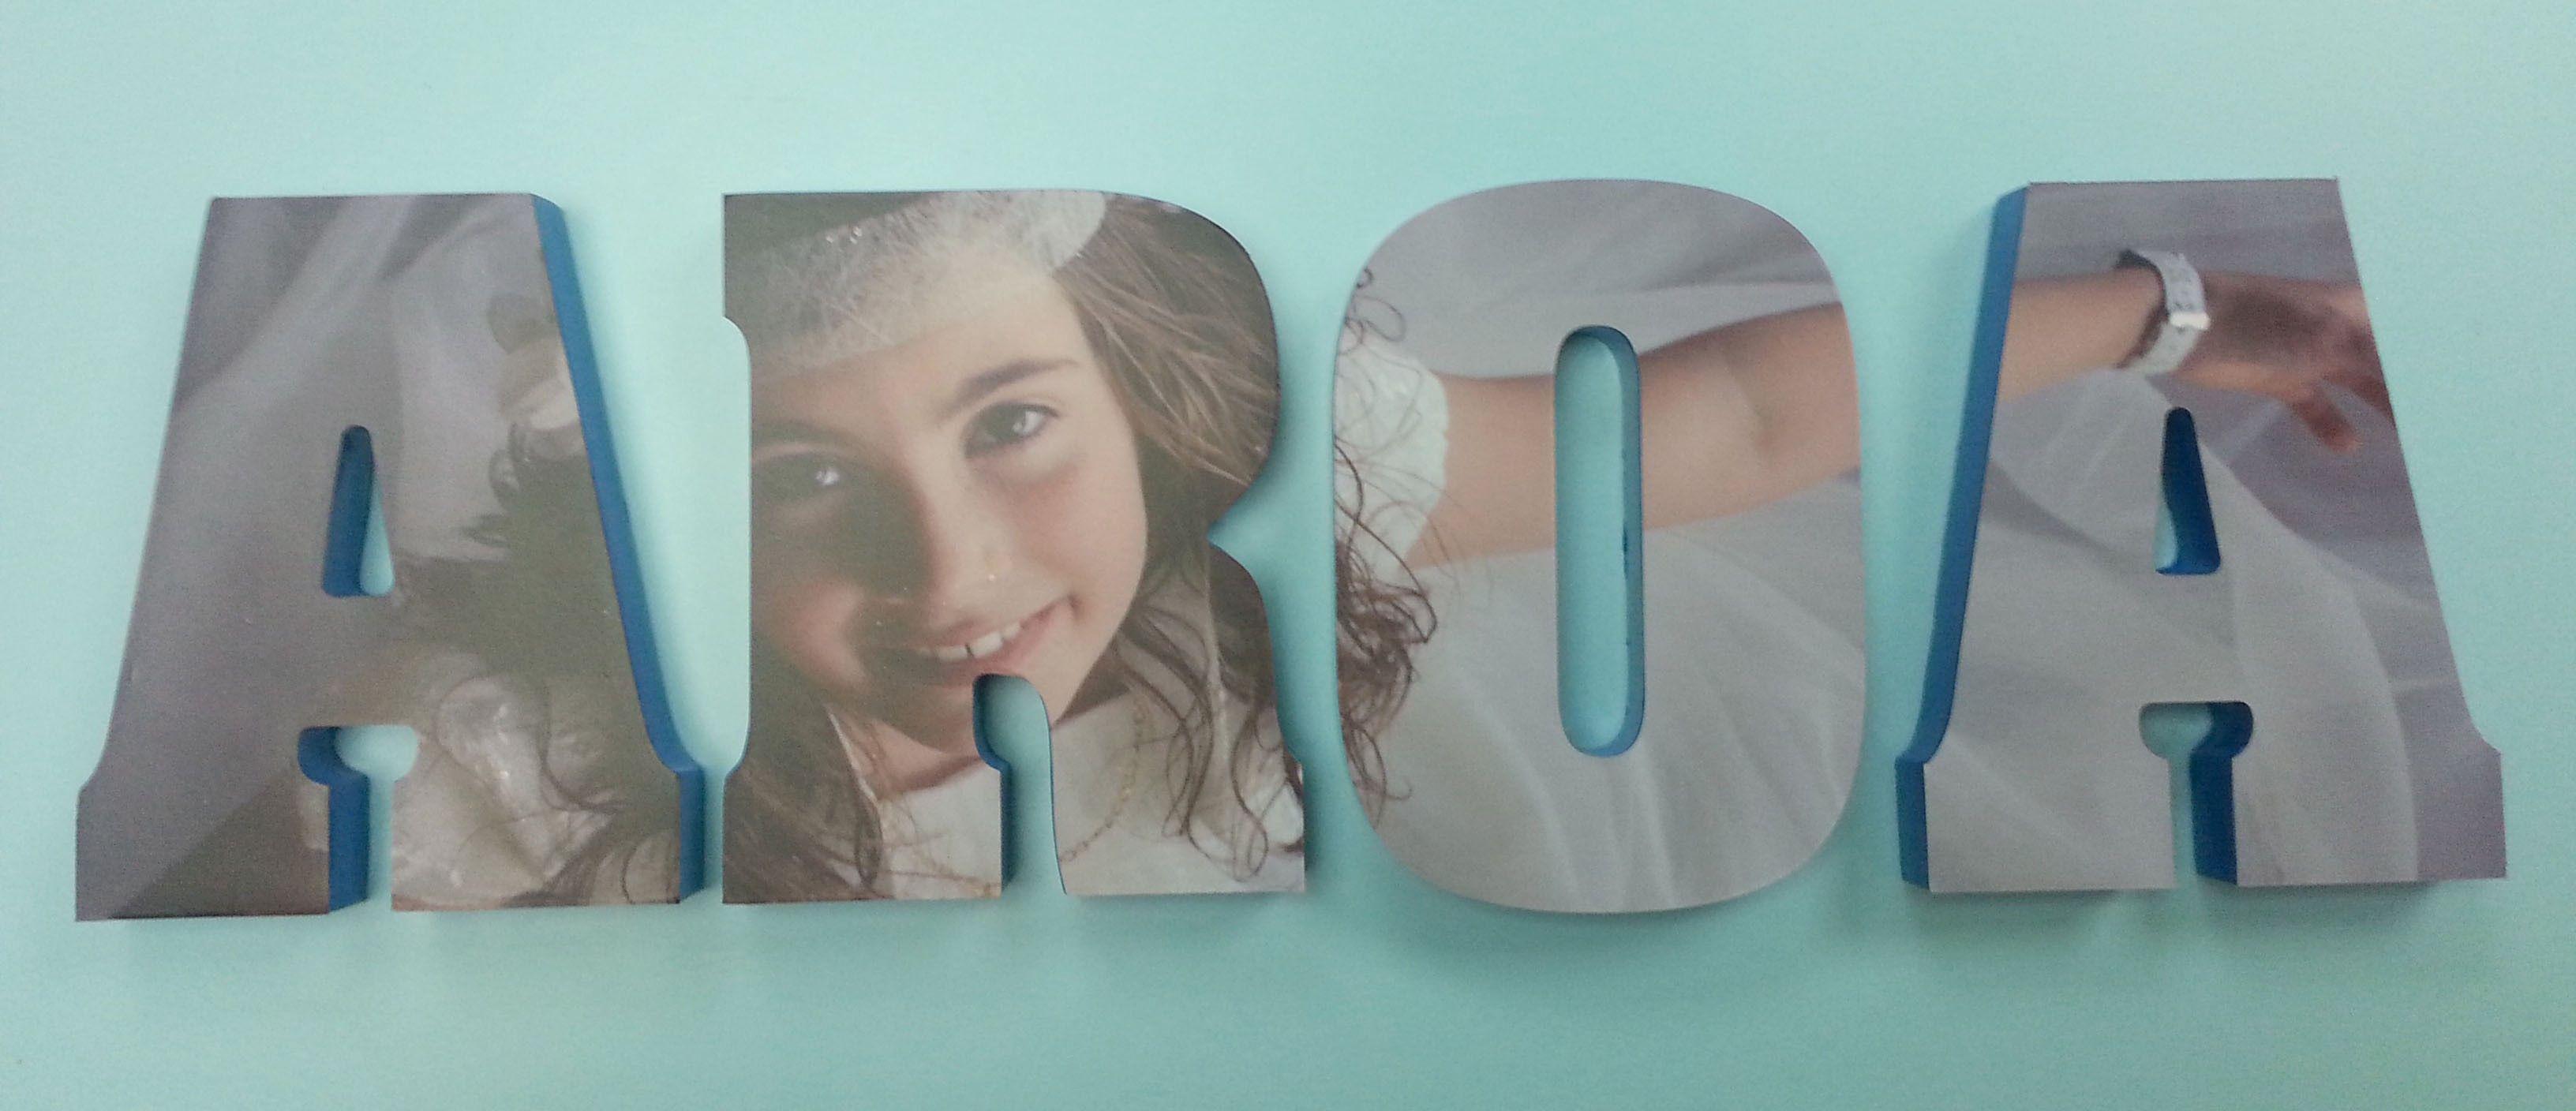 Letras decorativas con el recuerdo de su primera comuni n - Letras decorativas para ninos ...